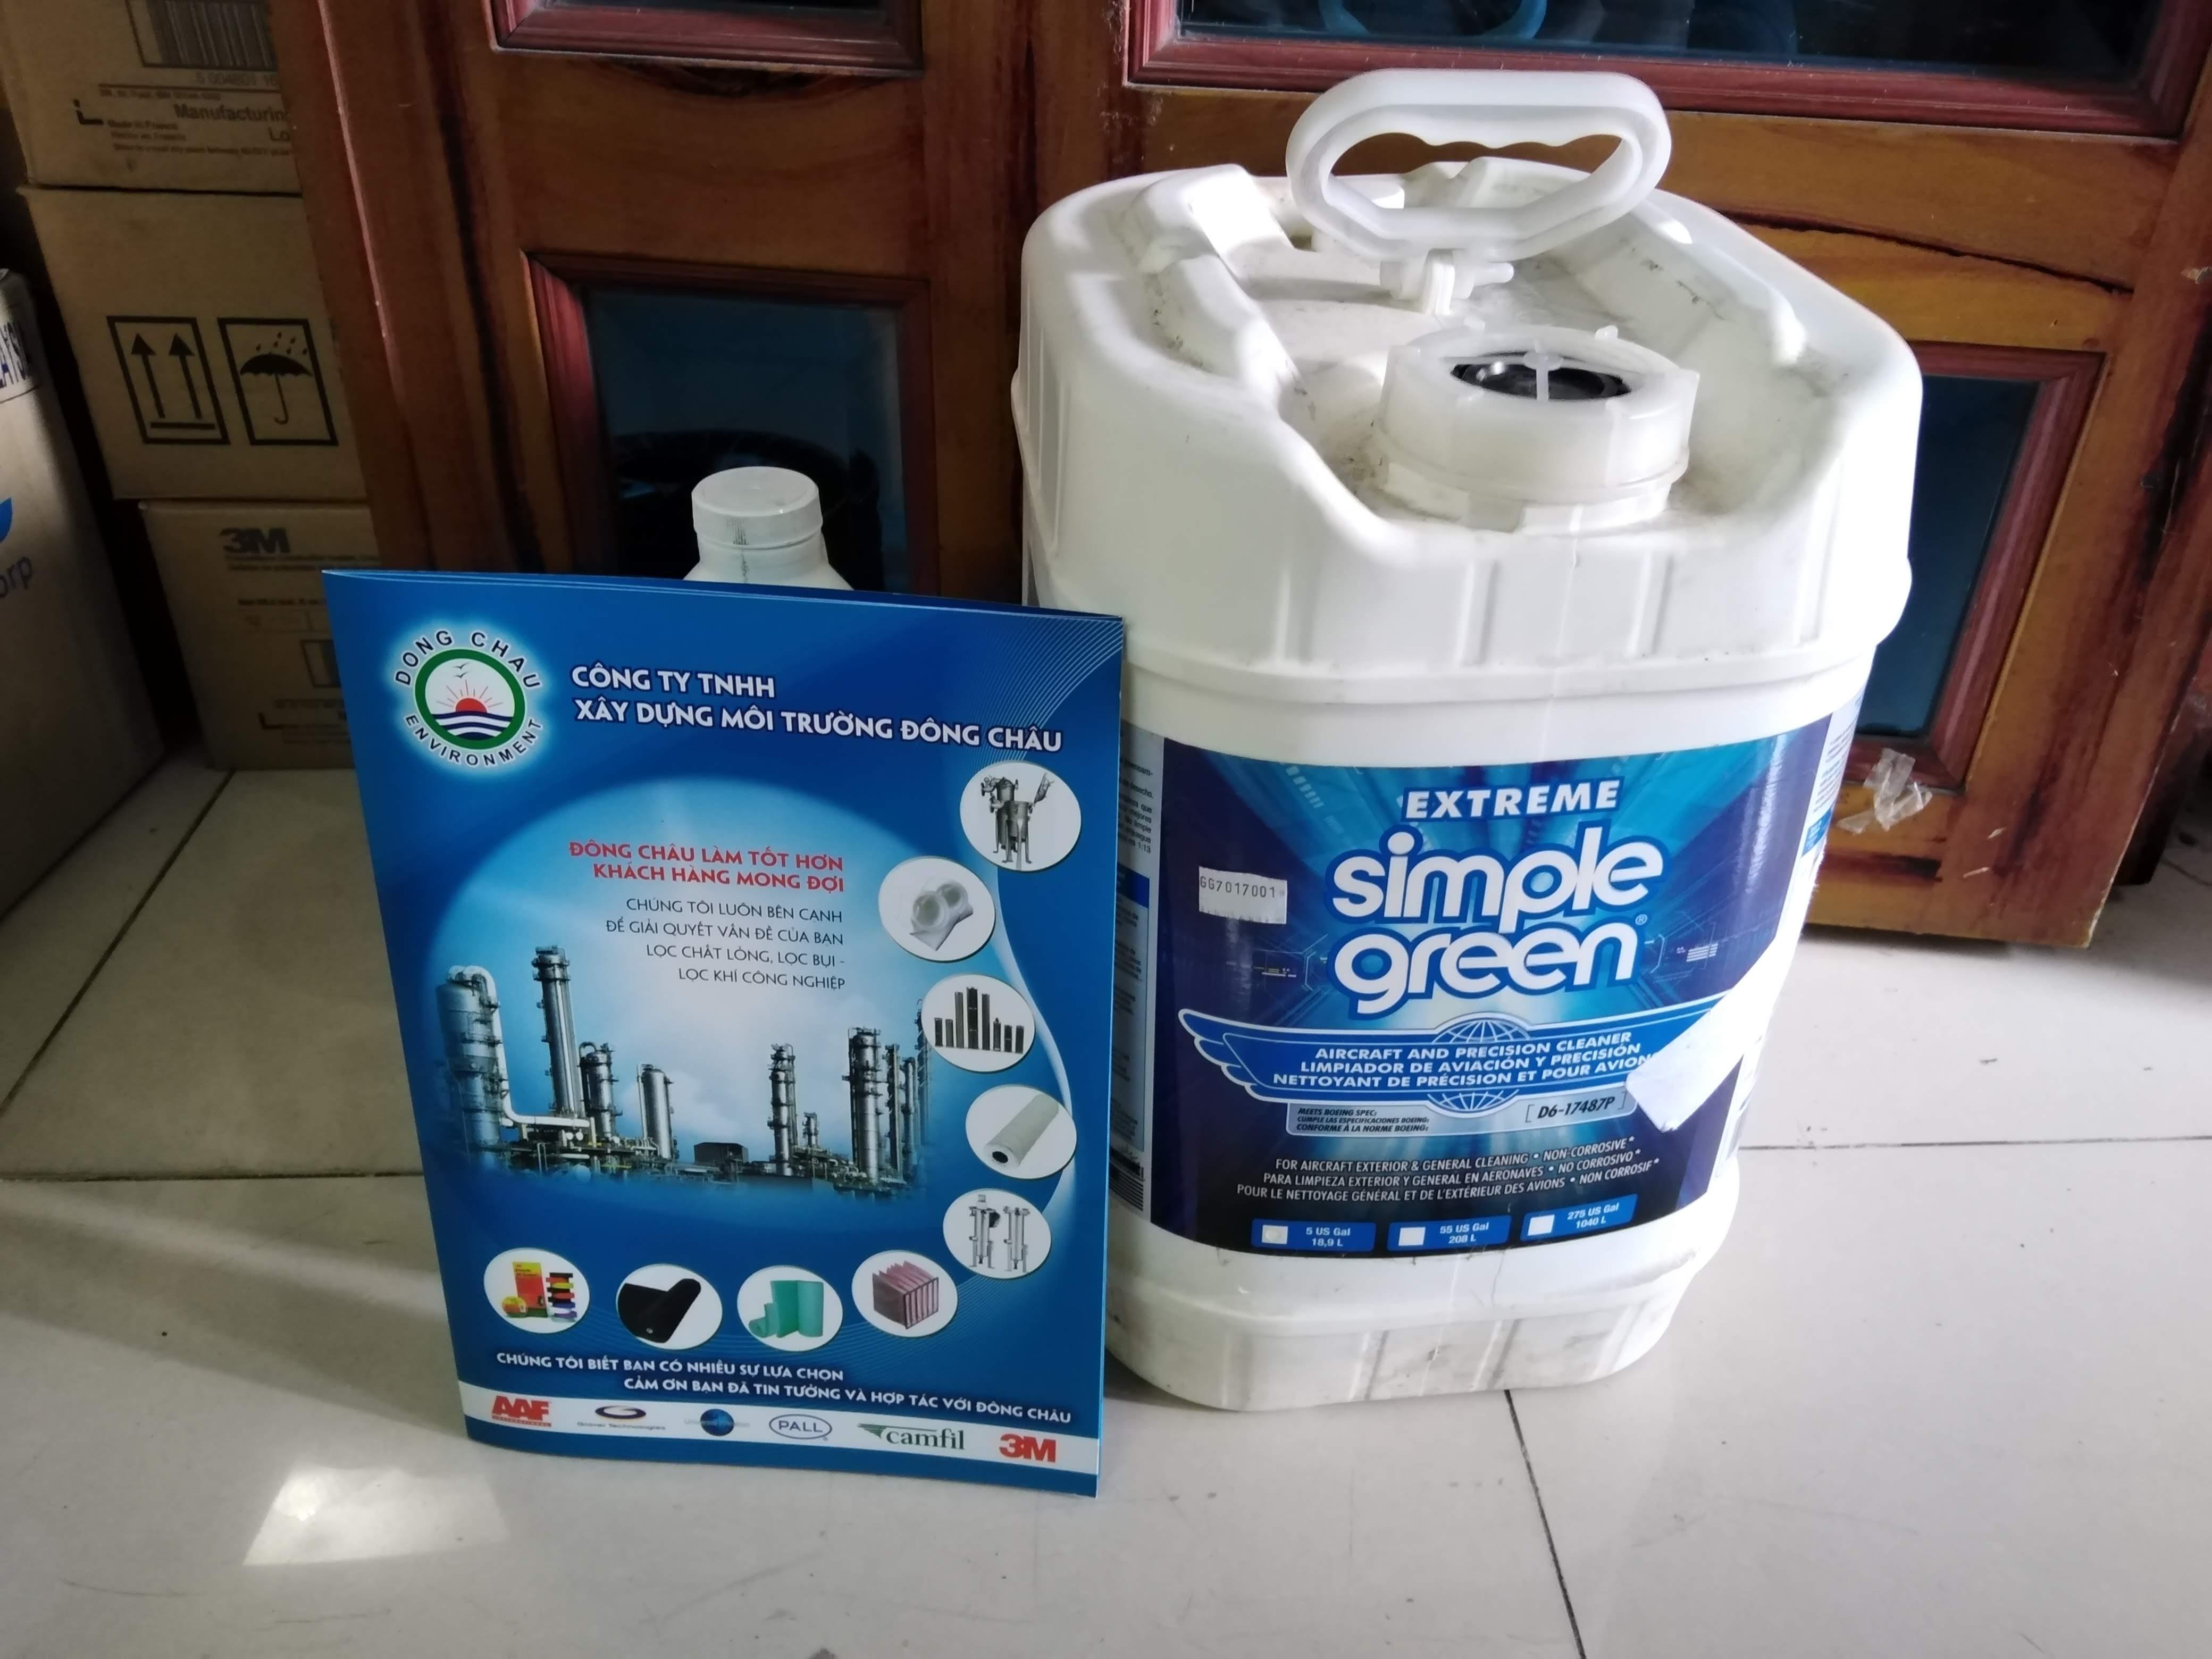 Simple Green Crystal 18.9 lít Bình tẩy dầu mỡ công nghiệp